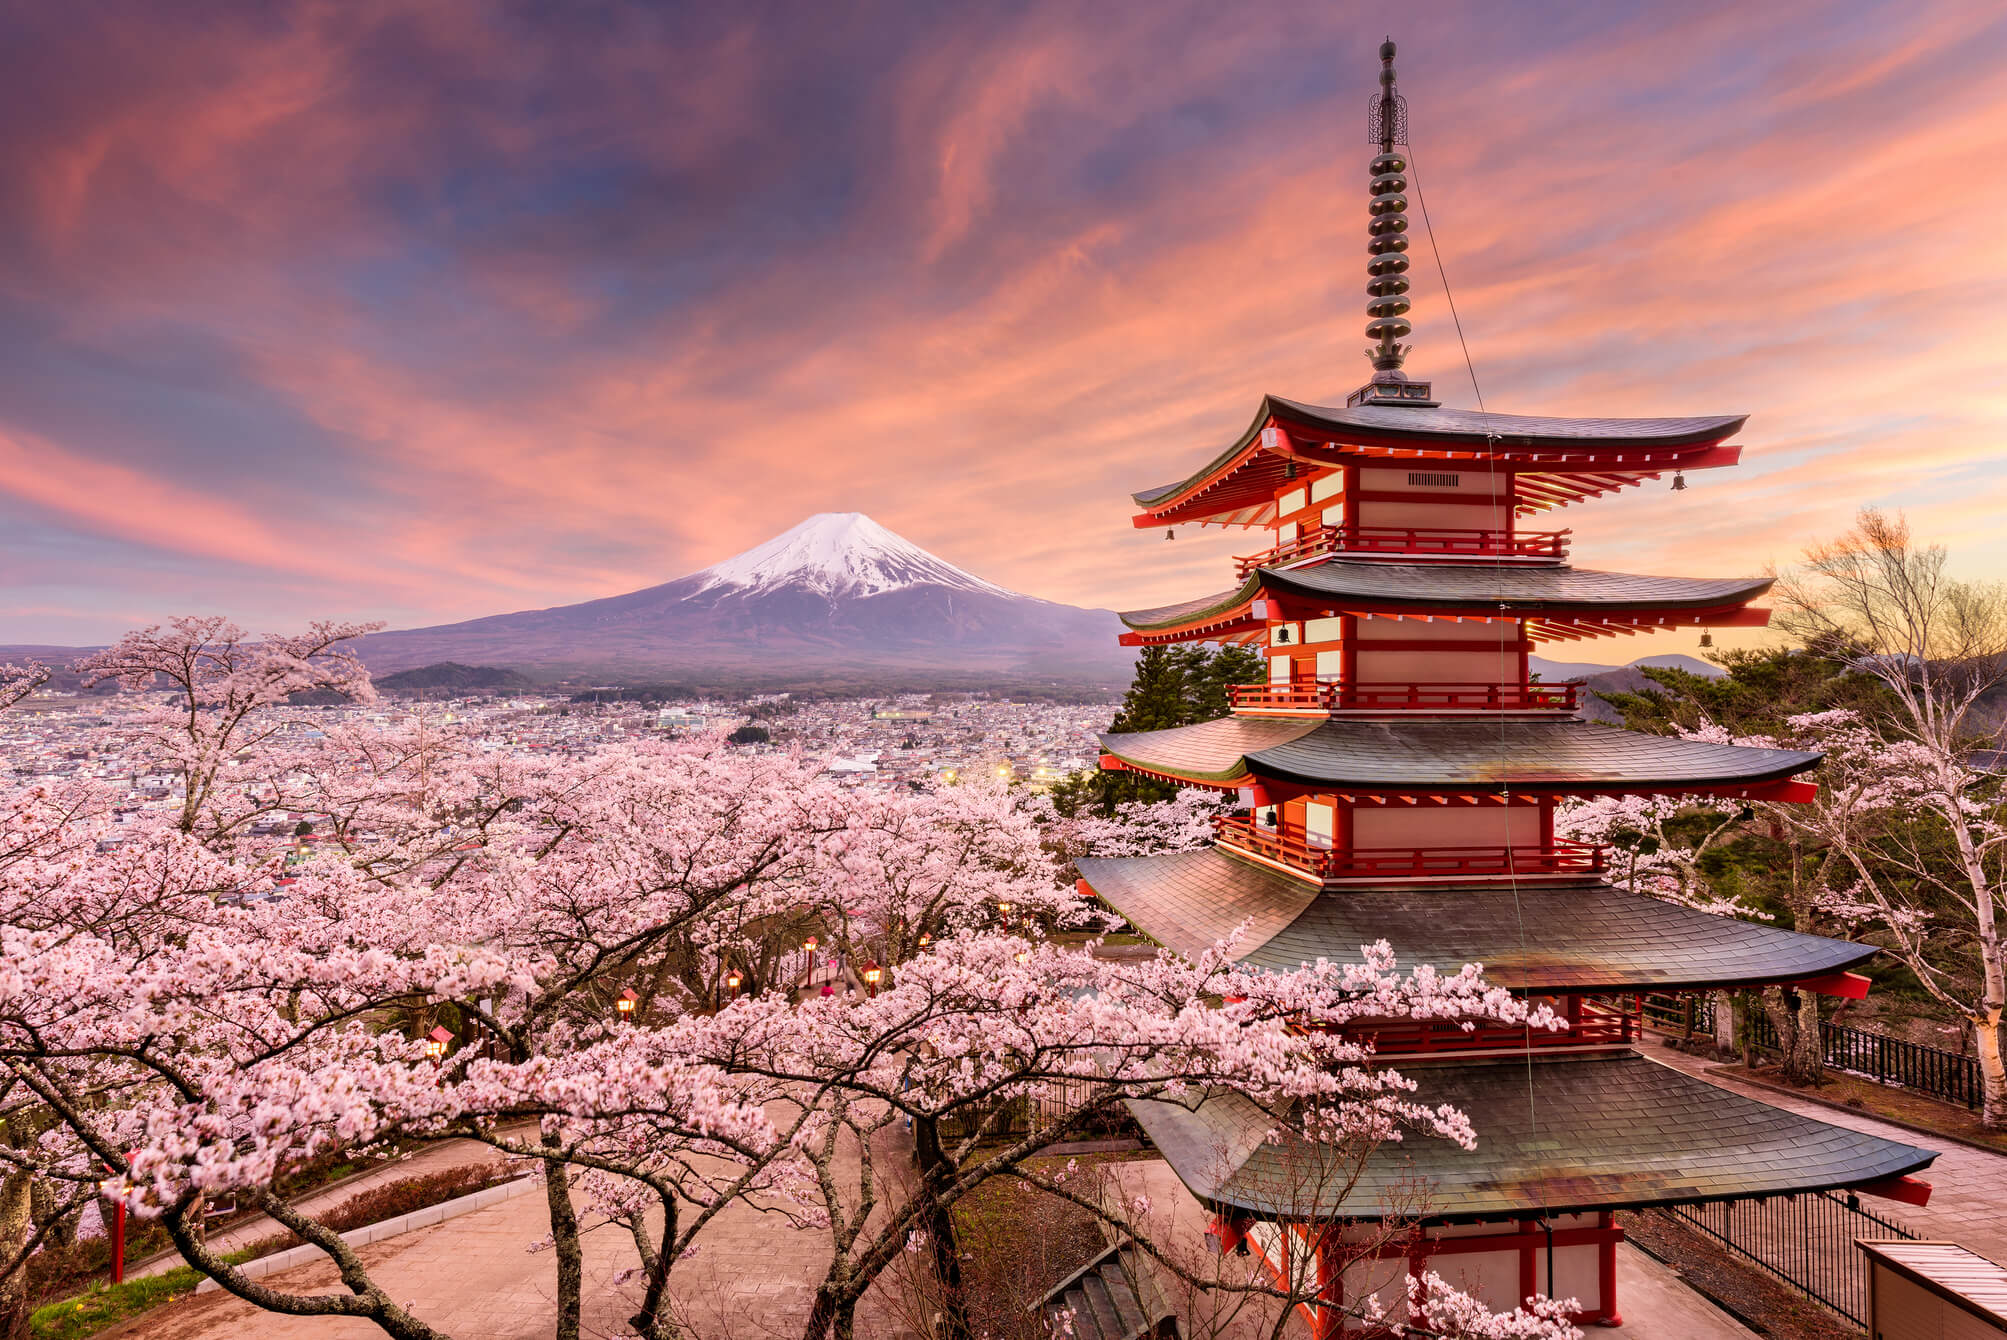 Le Japon Et Ses Cerisiers En Fleurs Circuit Et Croisiere Sur Le